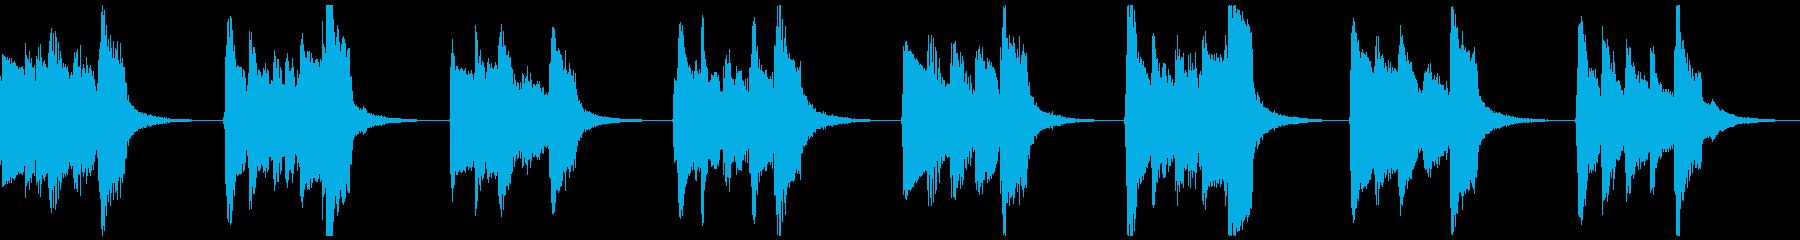 【ループ】中世風のギター:太古の森2の再生済みの波形